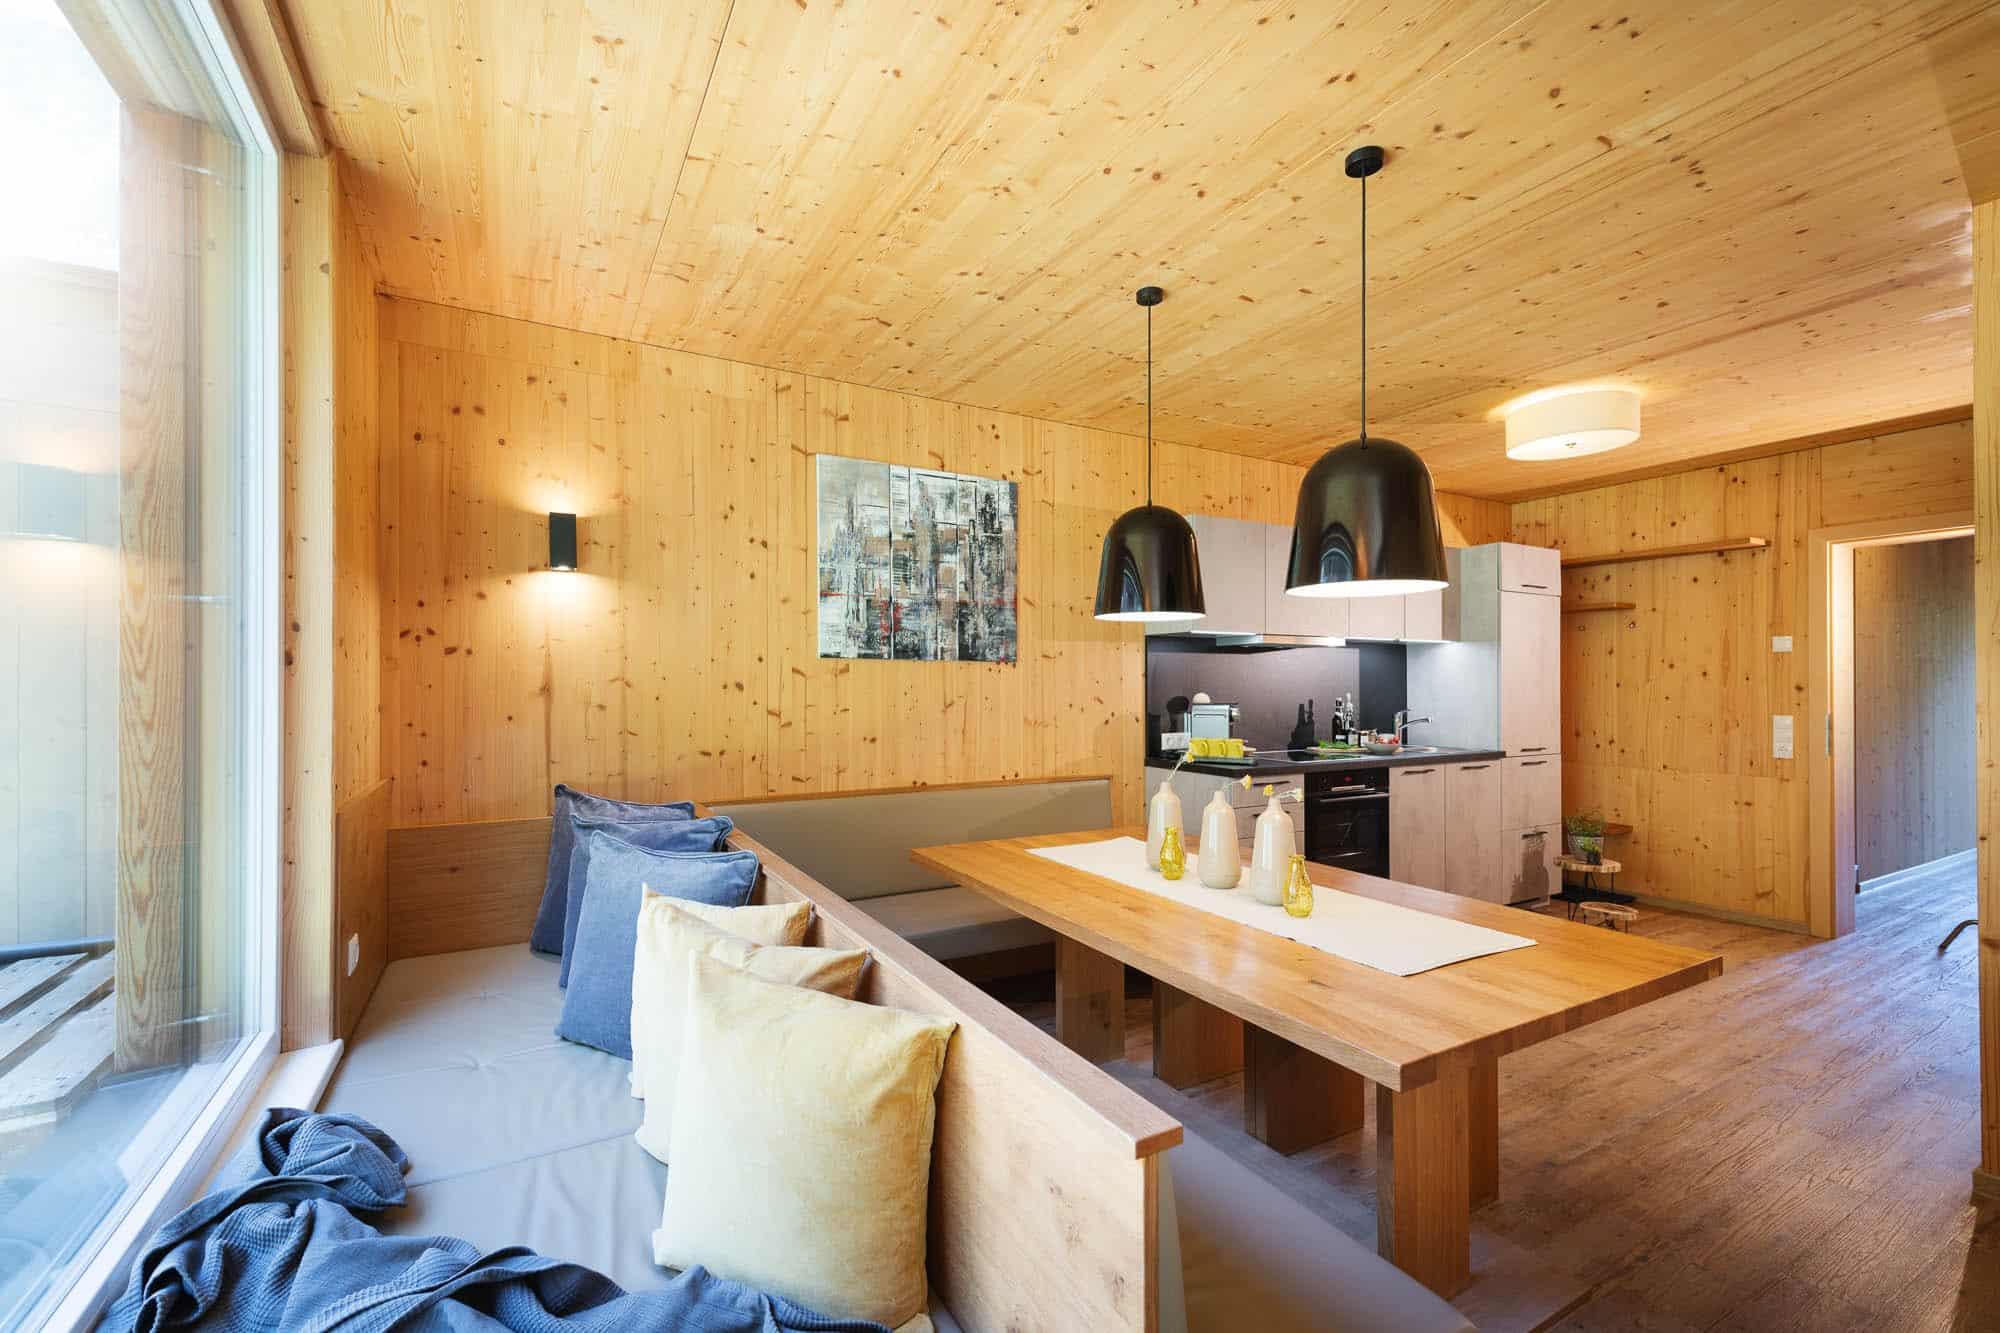 ferienhaus-zum-stubaier-gletscher-neugasteig-wald-kuechenbereich